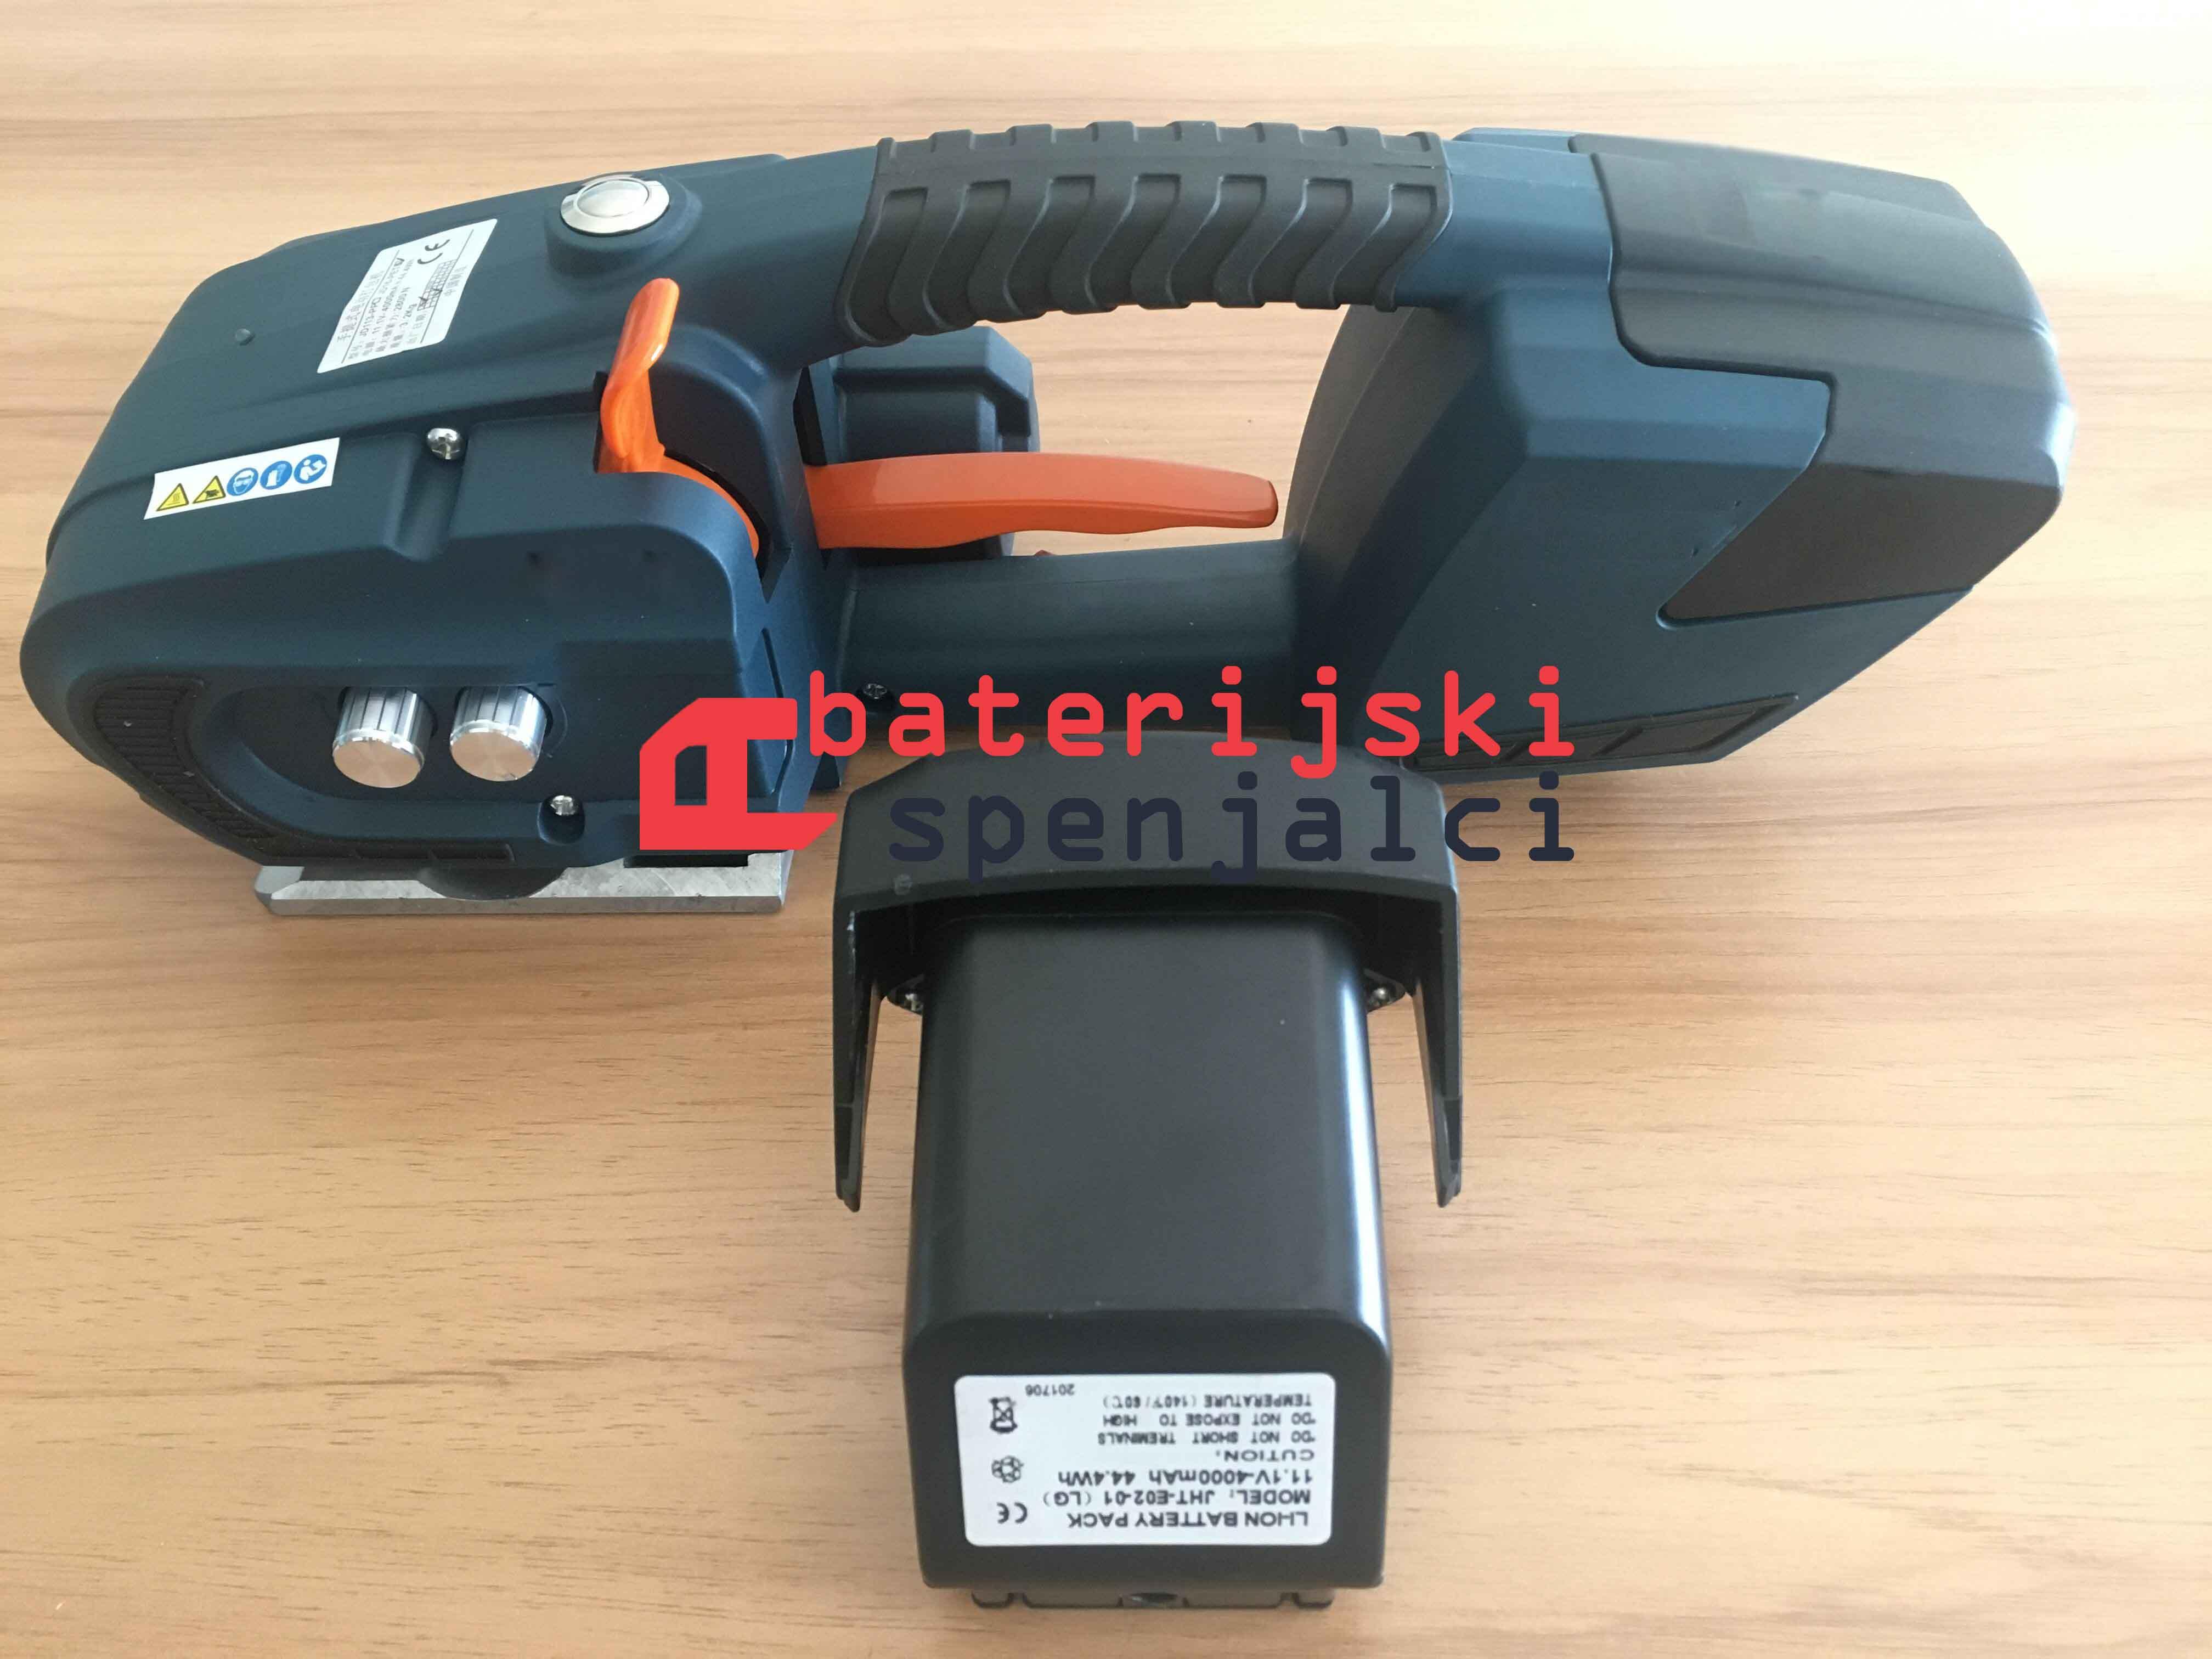 baterijski spenjalec TES 13-16mm poceni spenalec cena